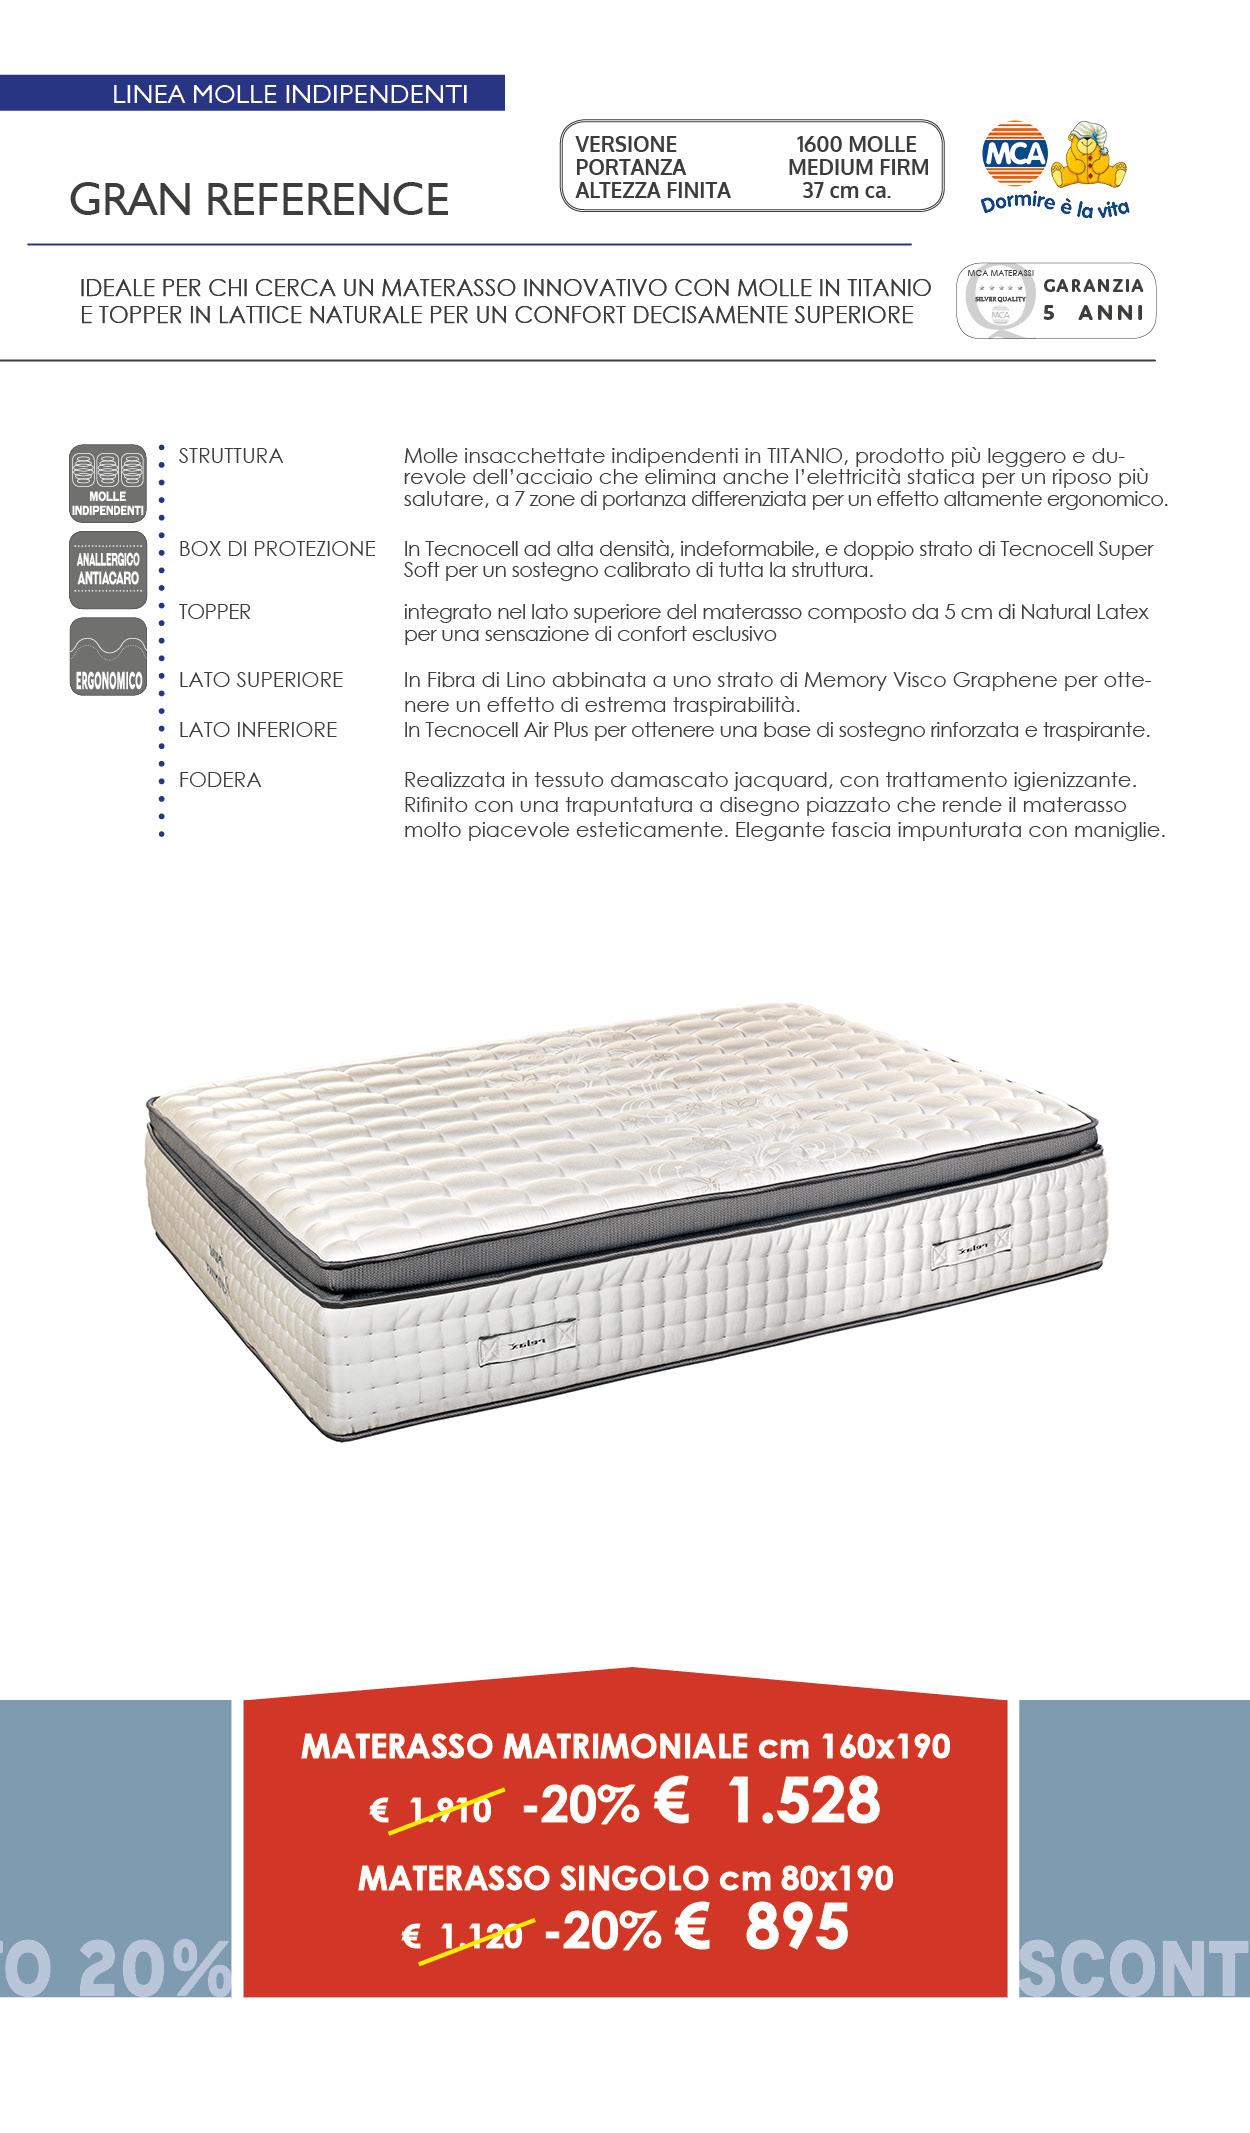 Materasso Ergonomico A 1600 Molle Indipendenti E Memory Foam.Gran Reference Materasso A 1600 Molle Insacchettate Con Topper In